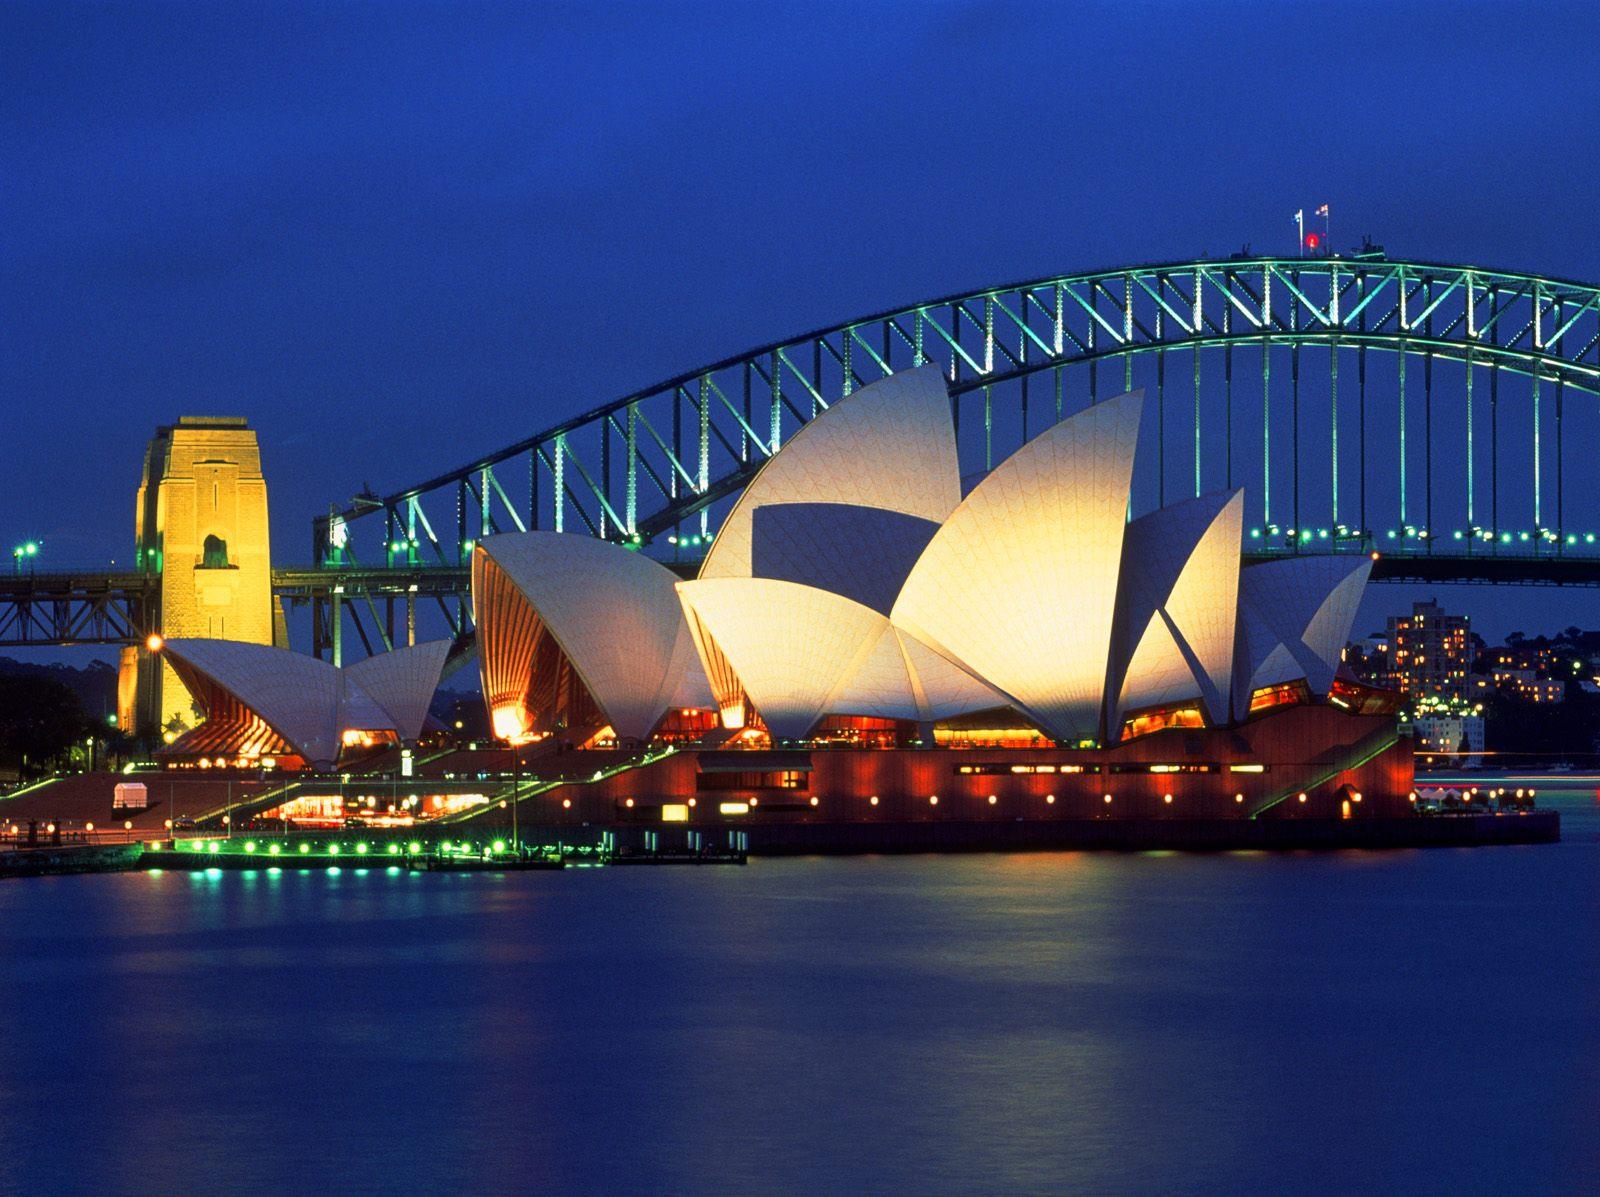 世界风光 美丽澳大利亚精美高清壁纸